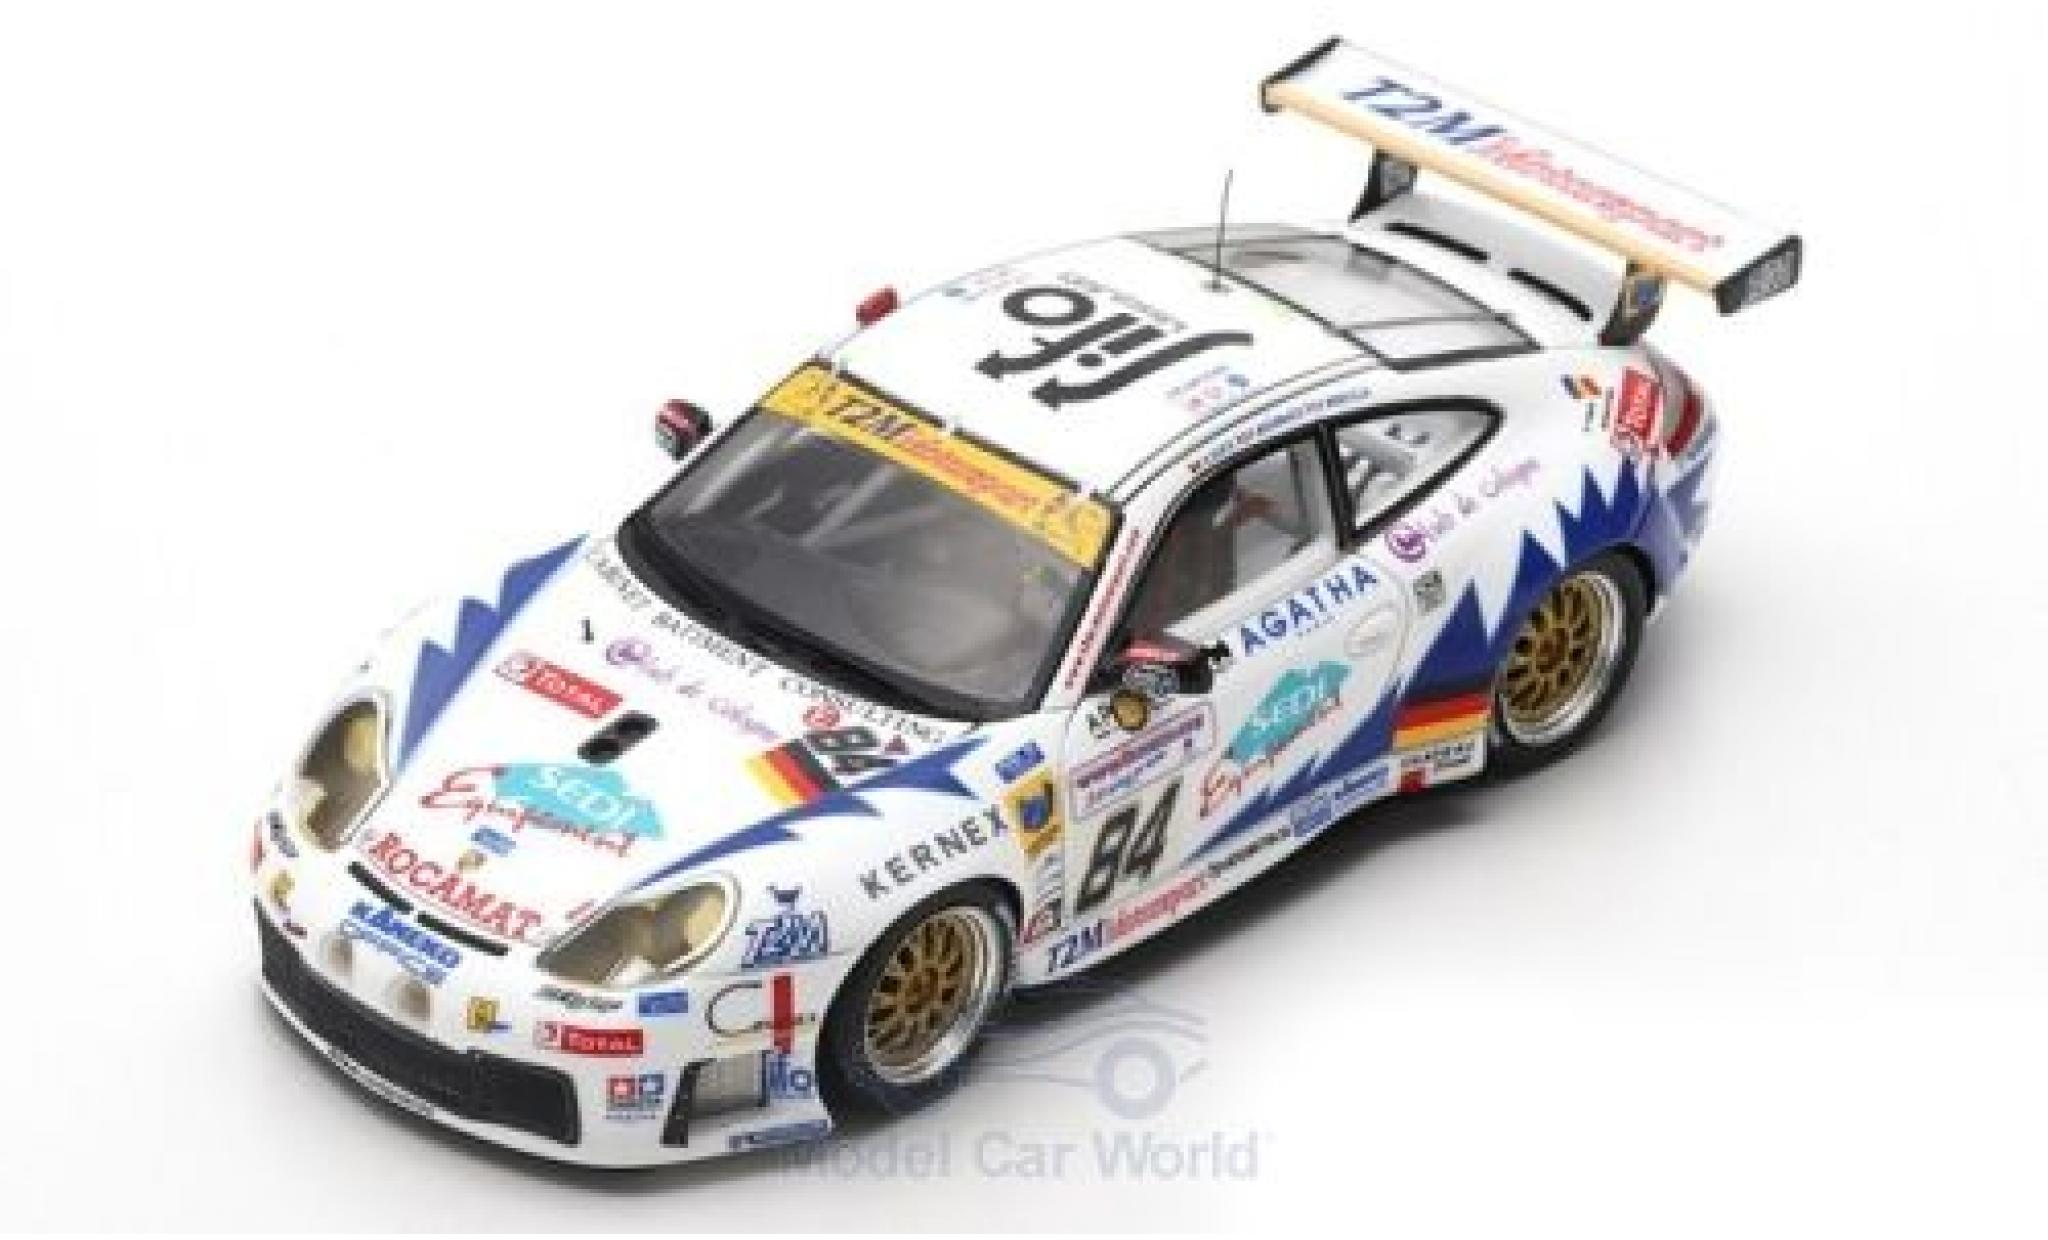 Porsche 996 GT3 RS 1/43 Spark 911  No.84 T2M Motorsport 24h Le Mans 2003 P.Bourdais/R.Berville/V.Ickx